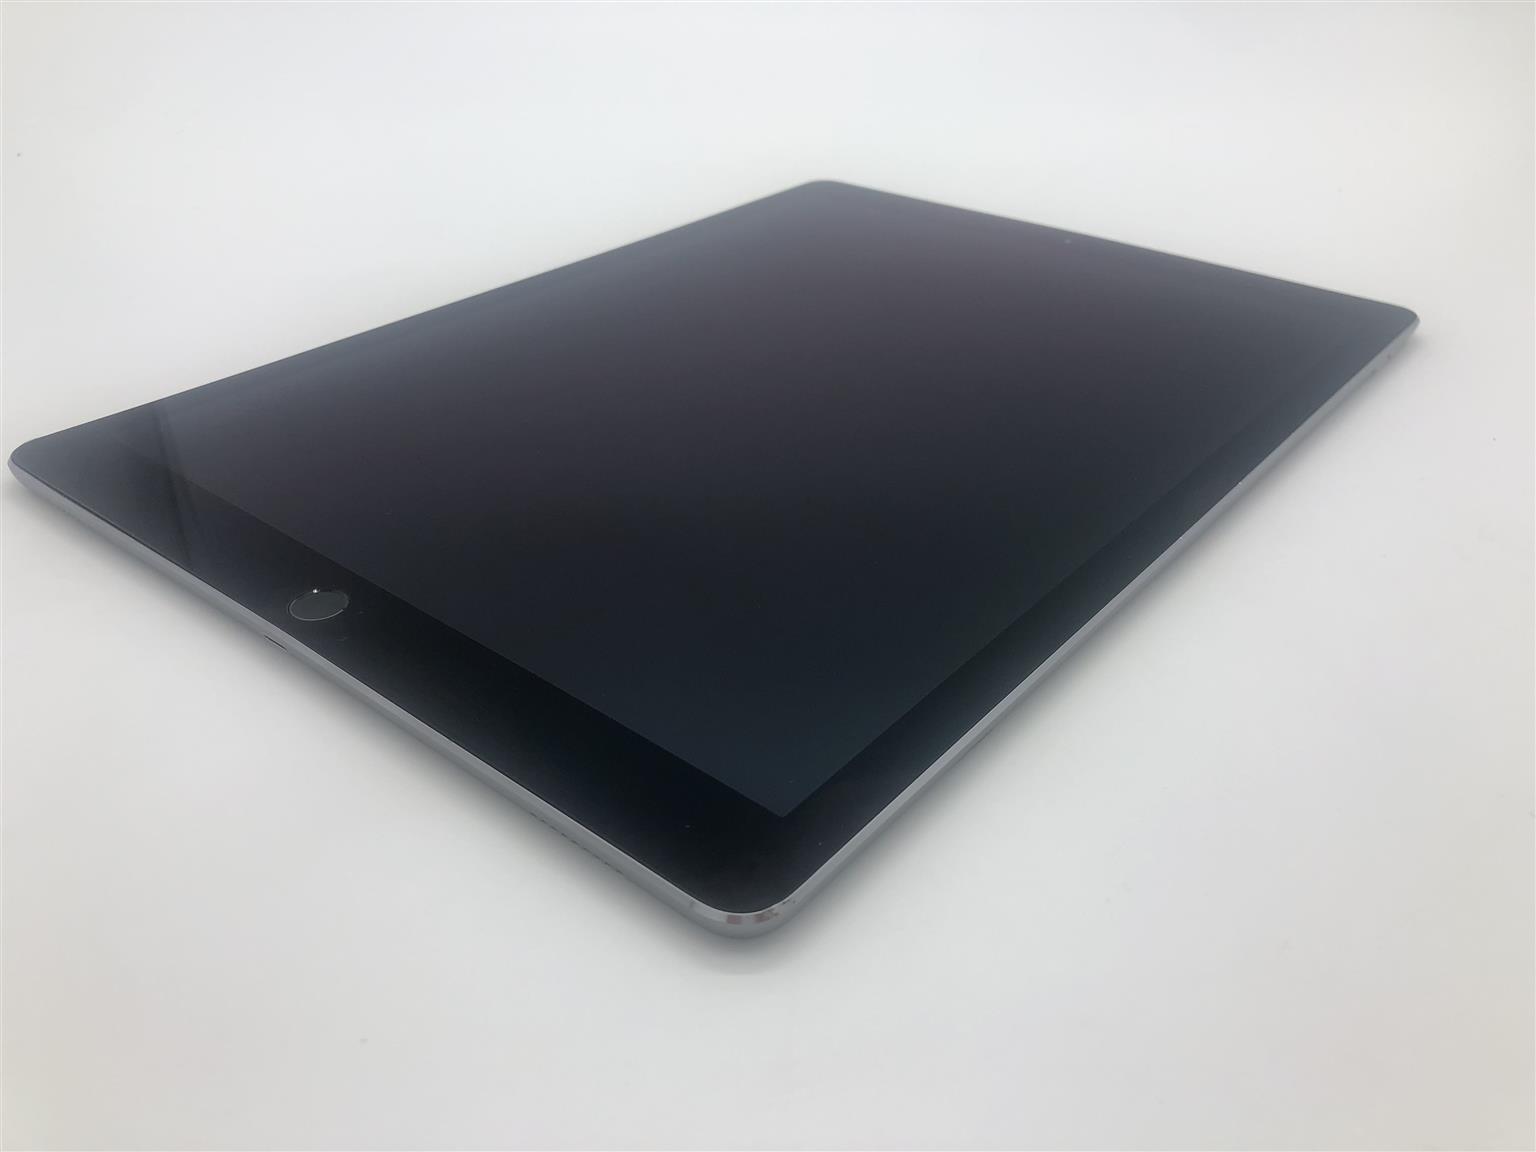 Ipad Pro 12.9 inch 128 GB Refurb